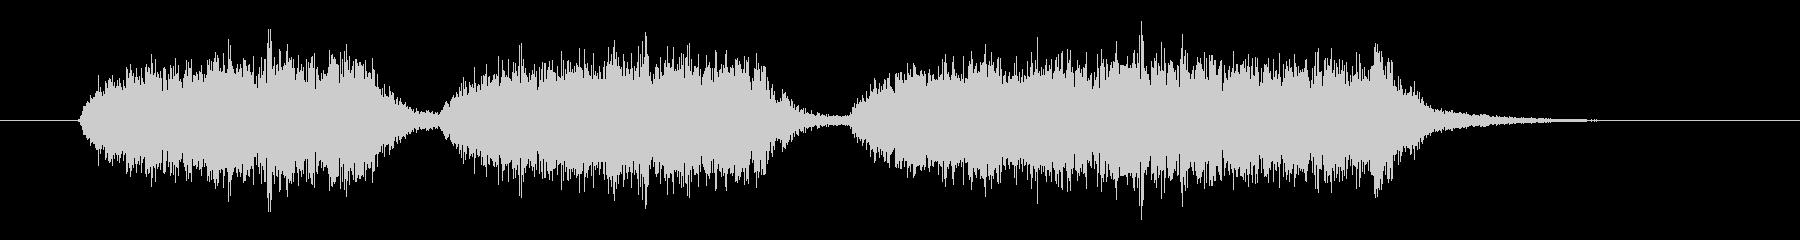 起立・気をつけ・礼(合唱版)の未再生の波形